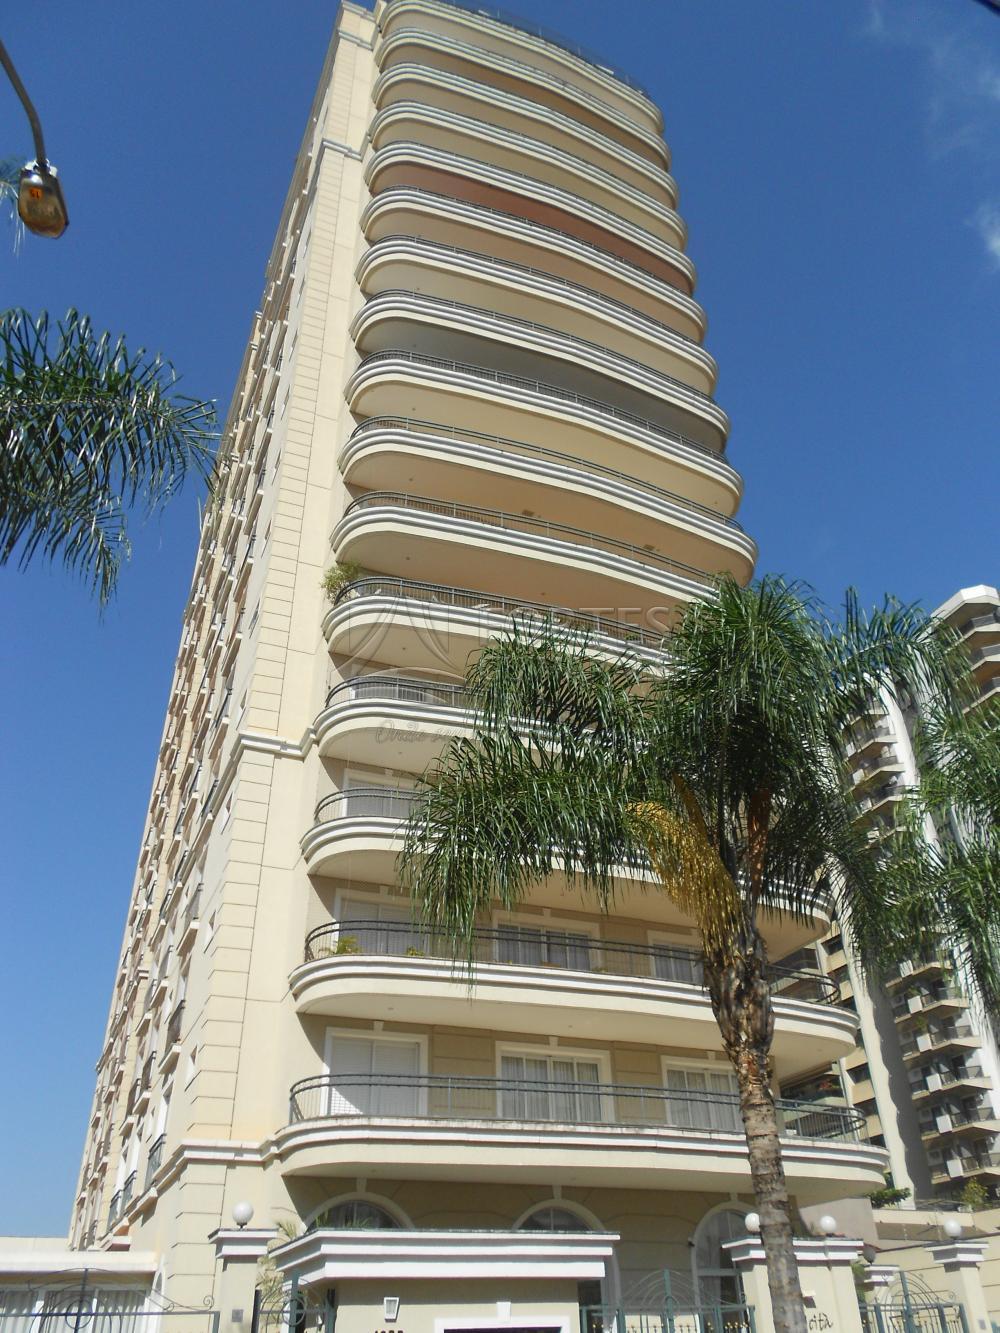 Alugar Apartamentos / Padrão em Ribeirão Preto apenas R$ 5.000,00 - Foto 67